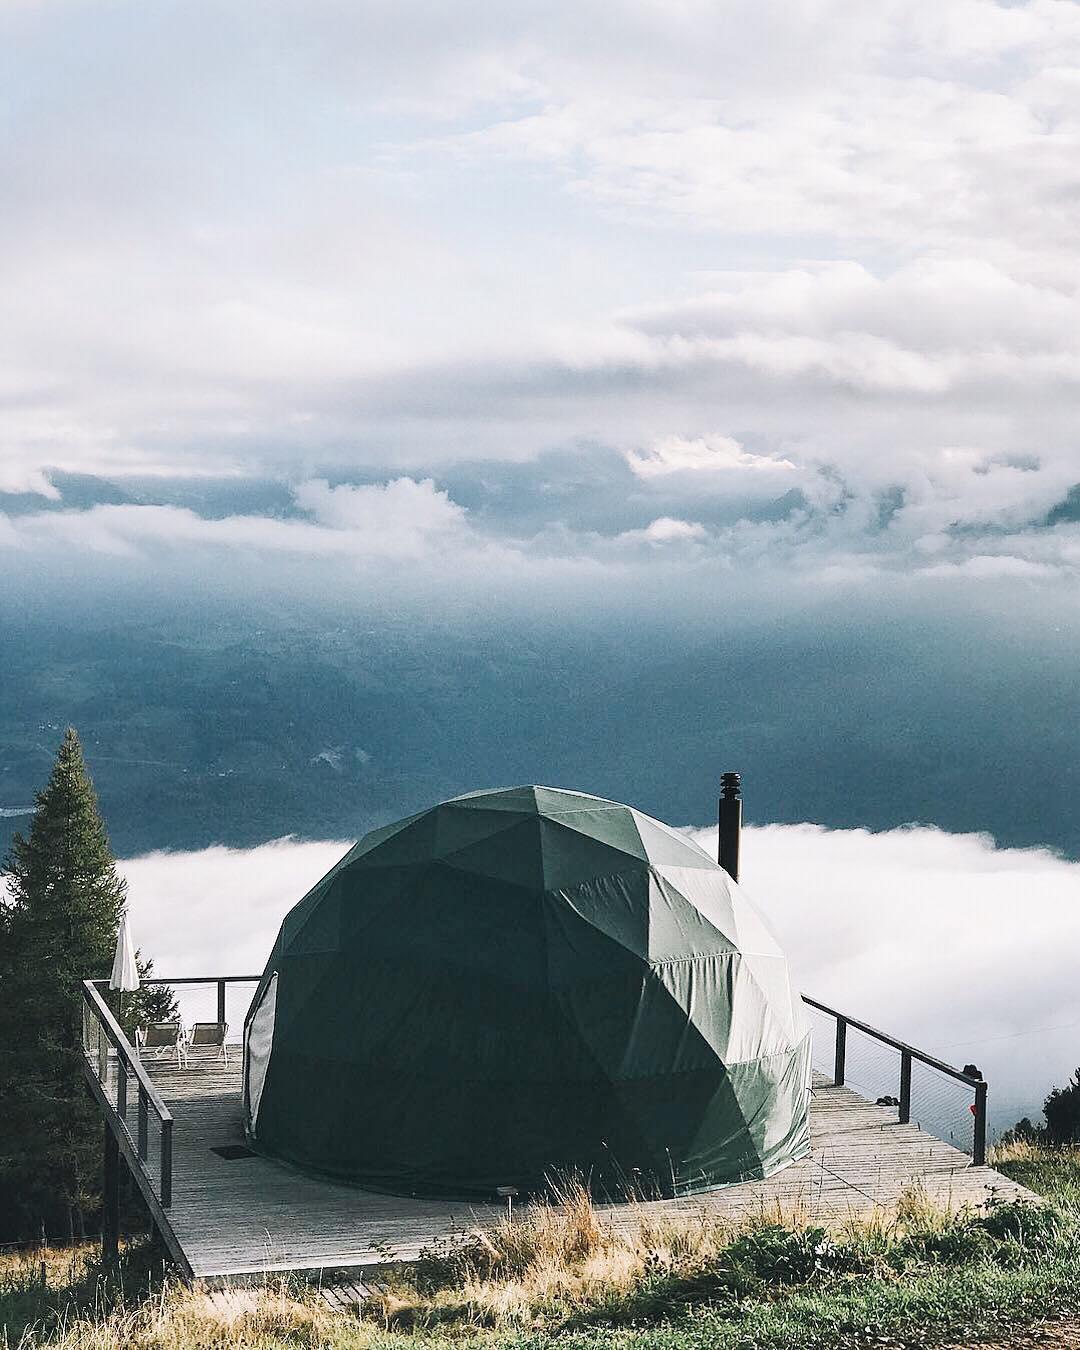 浪漫的野外露营 帐篷酒店白荚